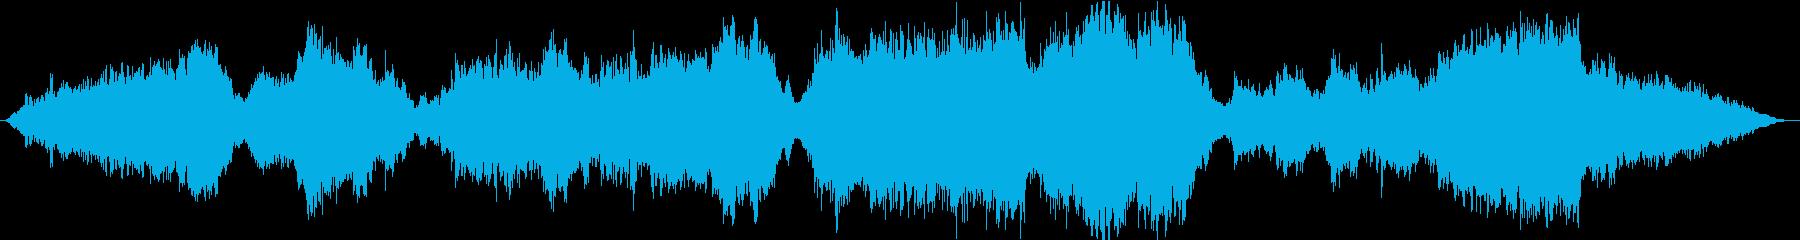 感動・壮大なストリングスメインのバラードの再生済みの波形